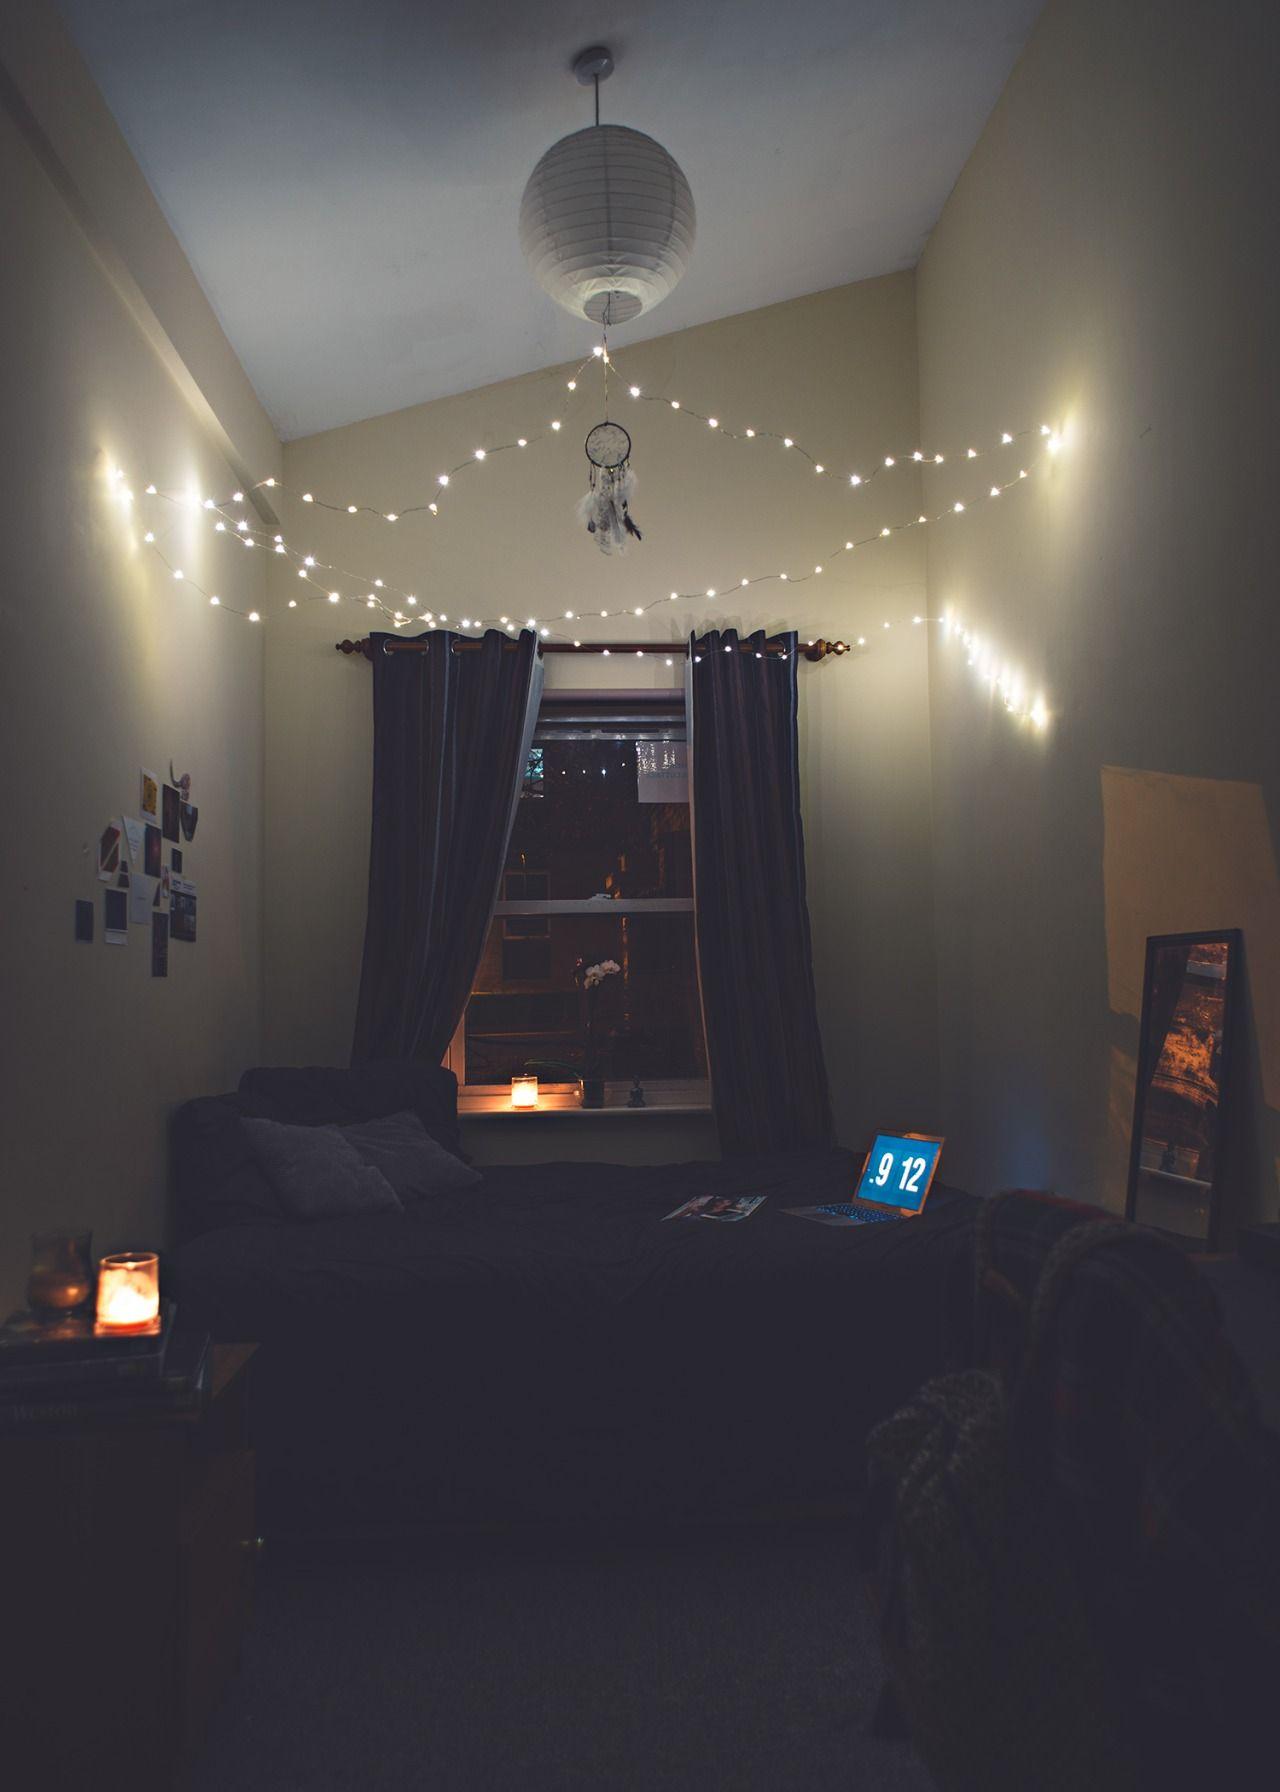 Snapchat Life1nmot1on Small bedroom Interior. Small